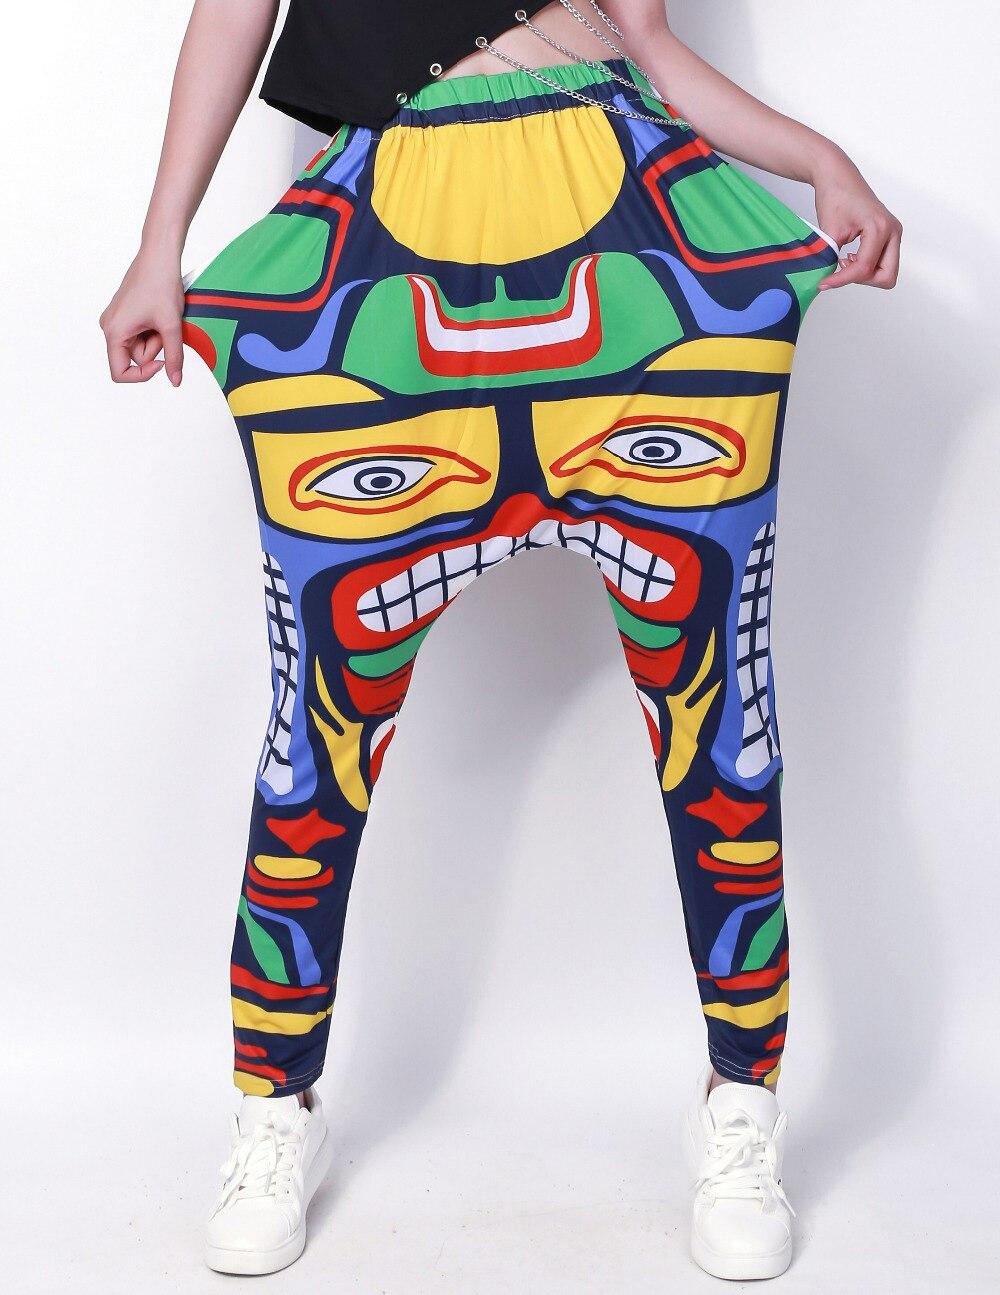 Adlut Kids Multi colour Symmetry Sweatpants Cinco de Mayo Costumes Panelled Jamaica Totem performance  harem Hip Hop Dance pants